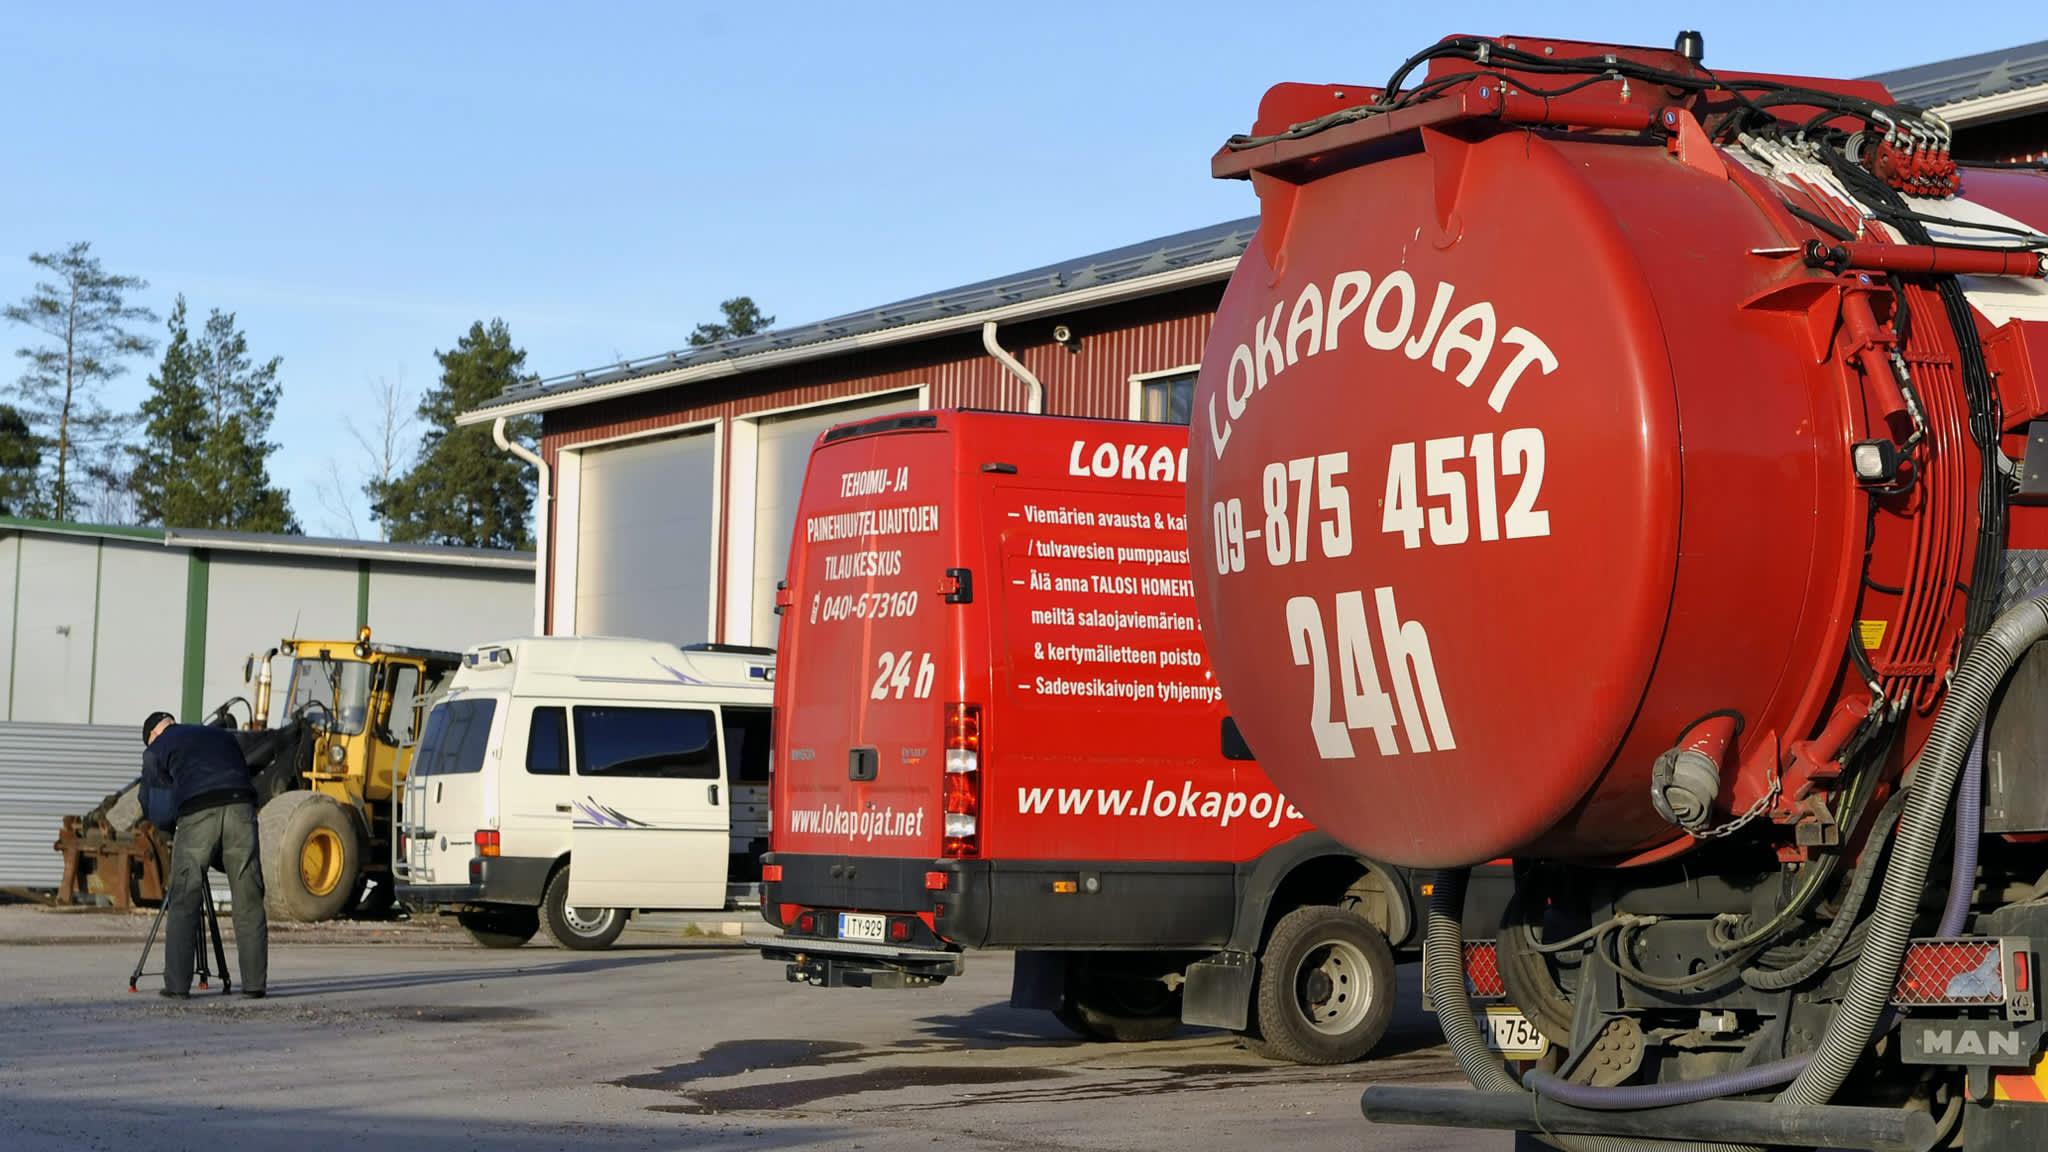 Poliisin tutkijat kuvasivat A. Lokapojat Oy:n toimitiloja Tuusulan Pyöräkujalla marraskuussa 2008.